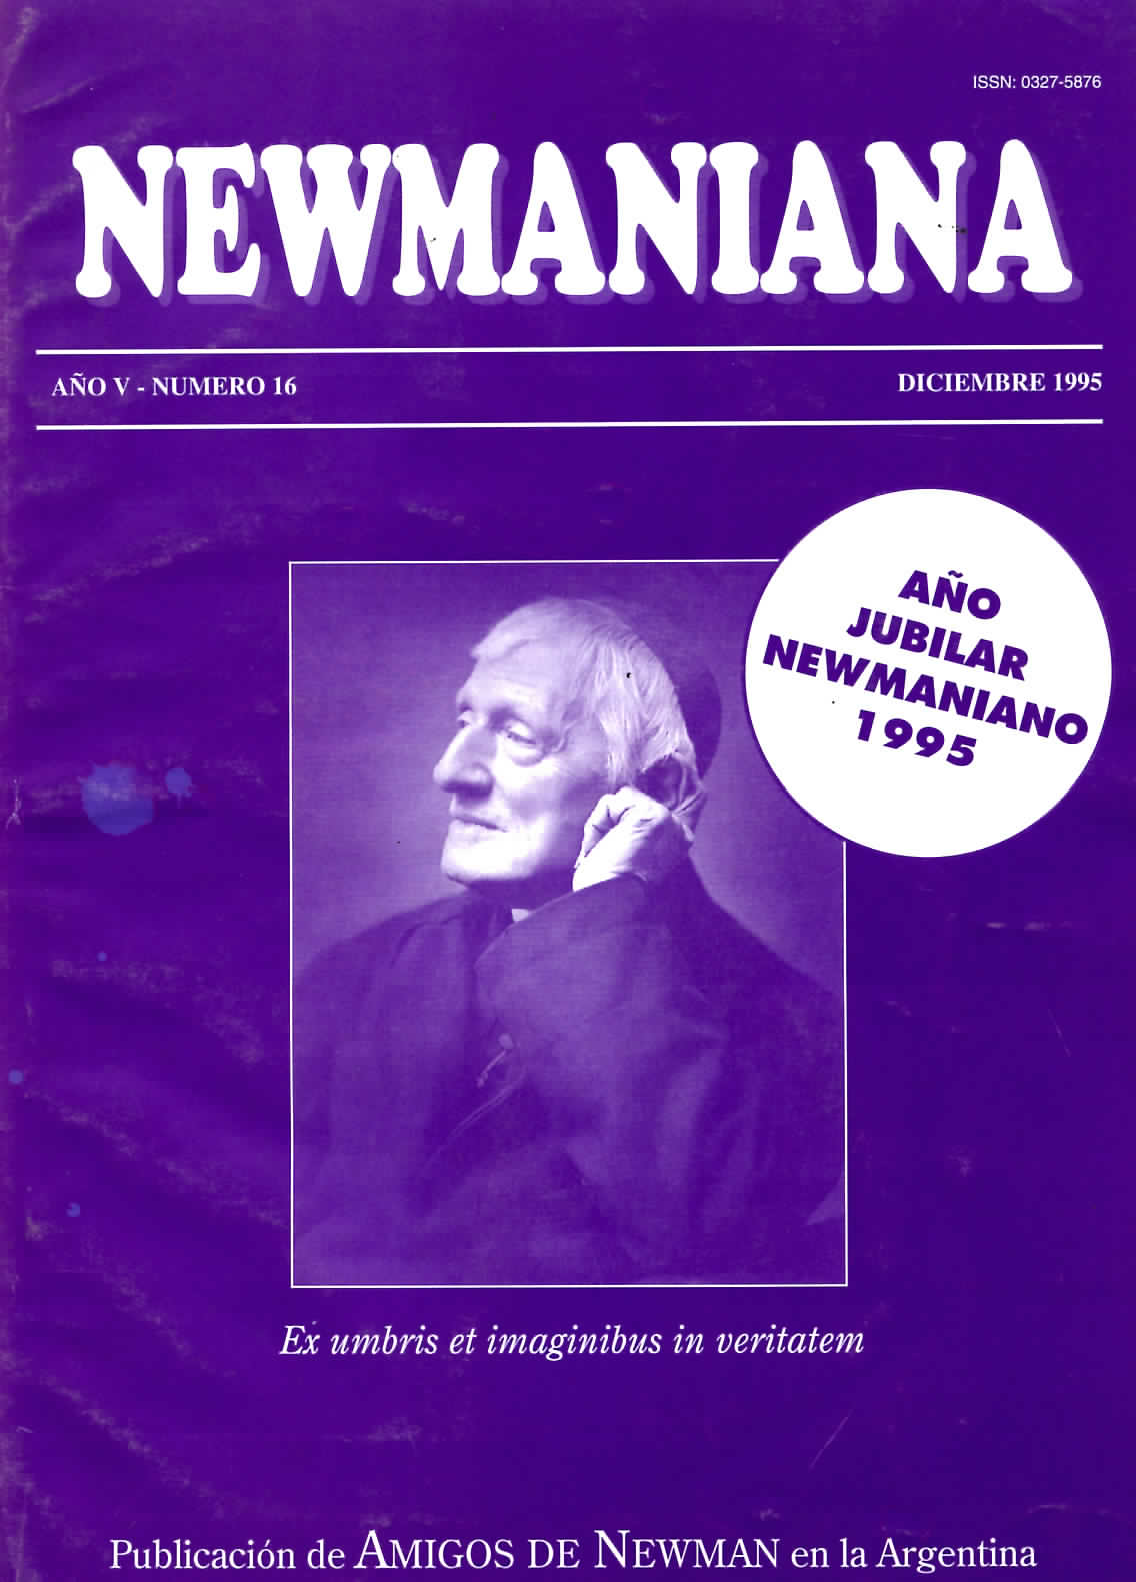 Revista Newmaniana Nº 16 -Diciembre 1995